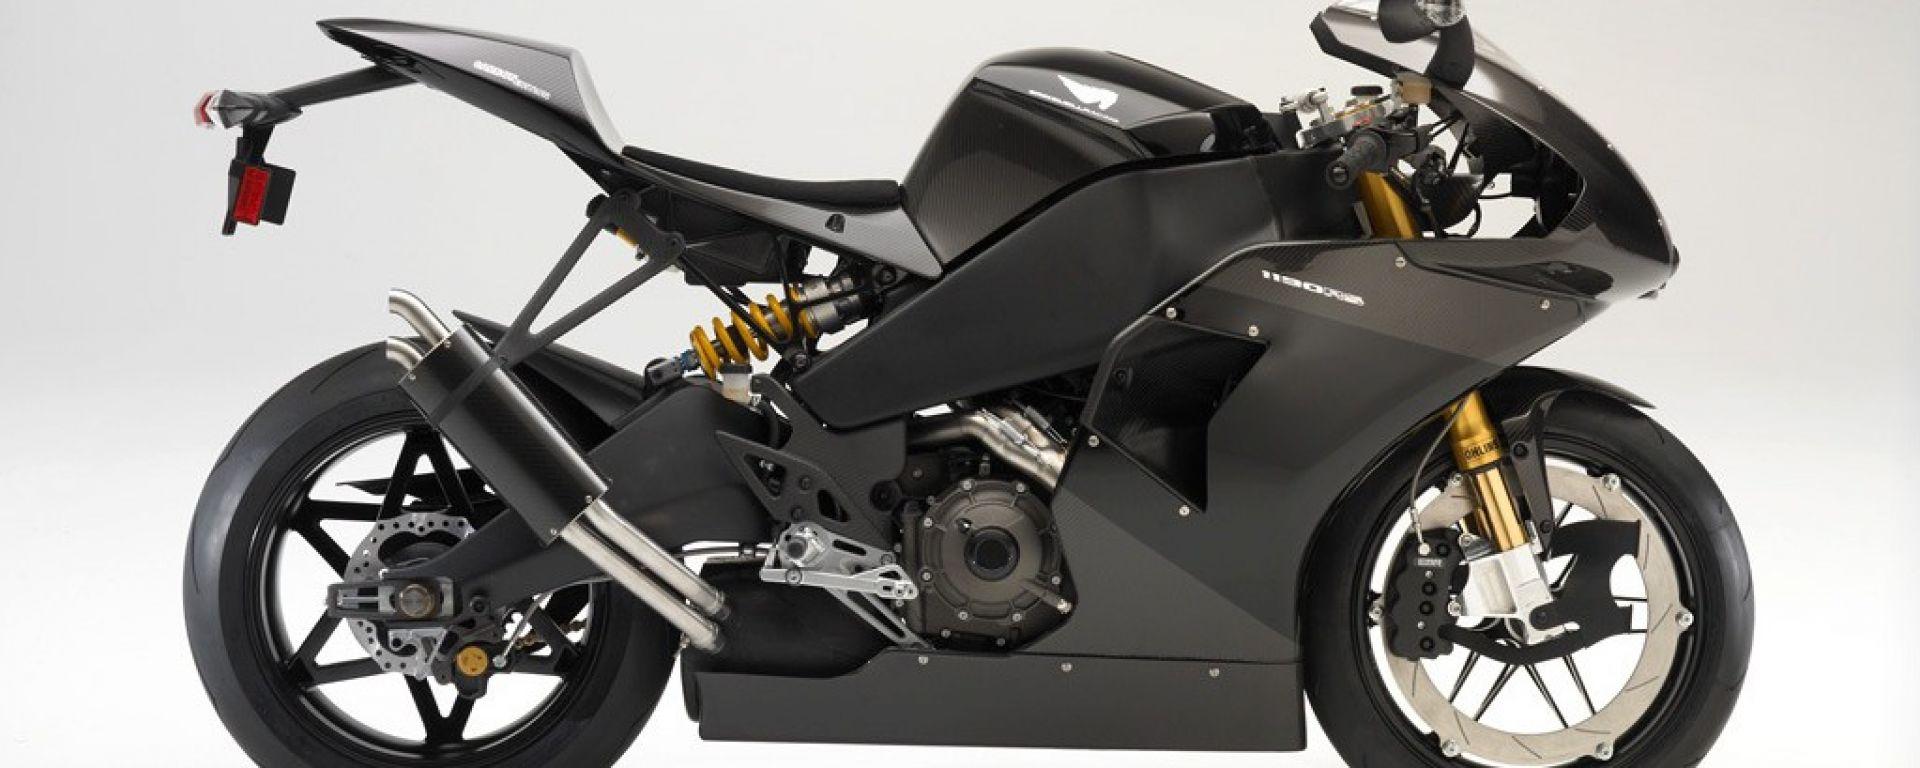 EBR 1190 RS